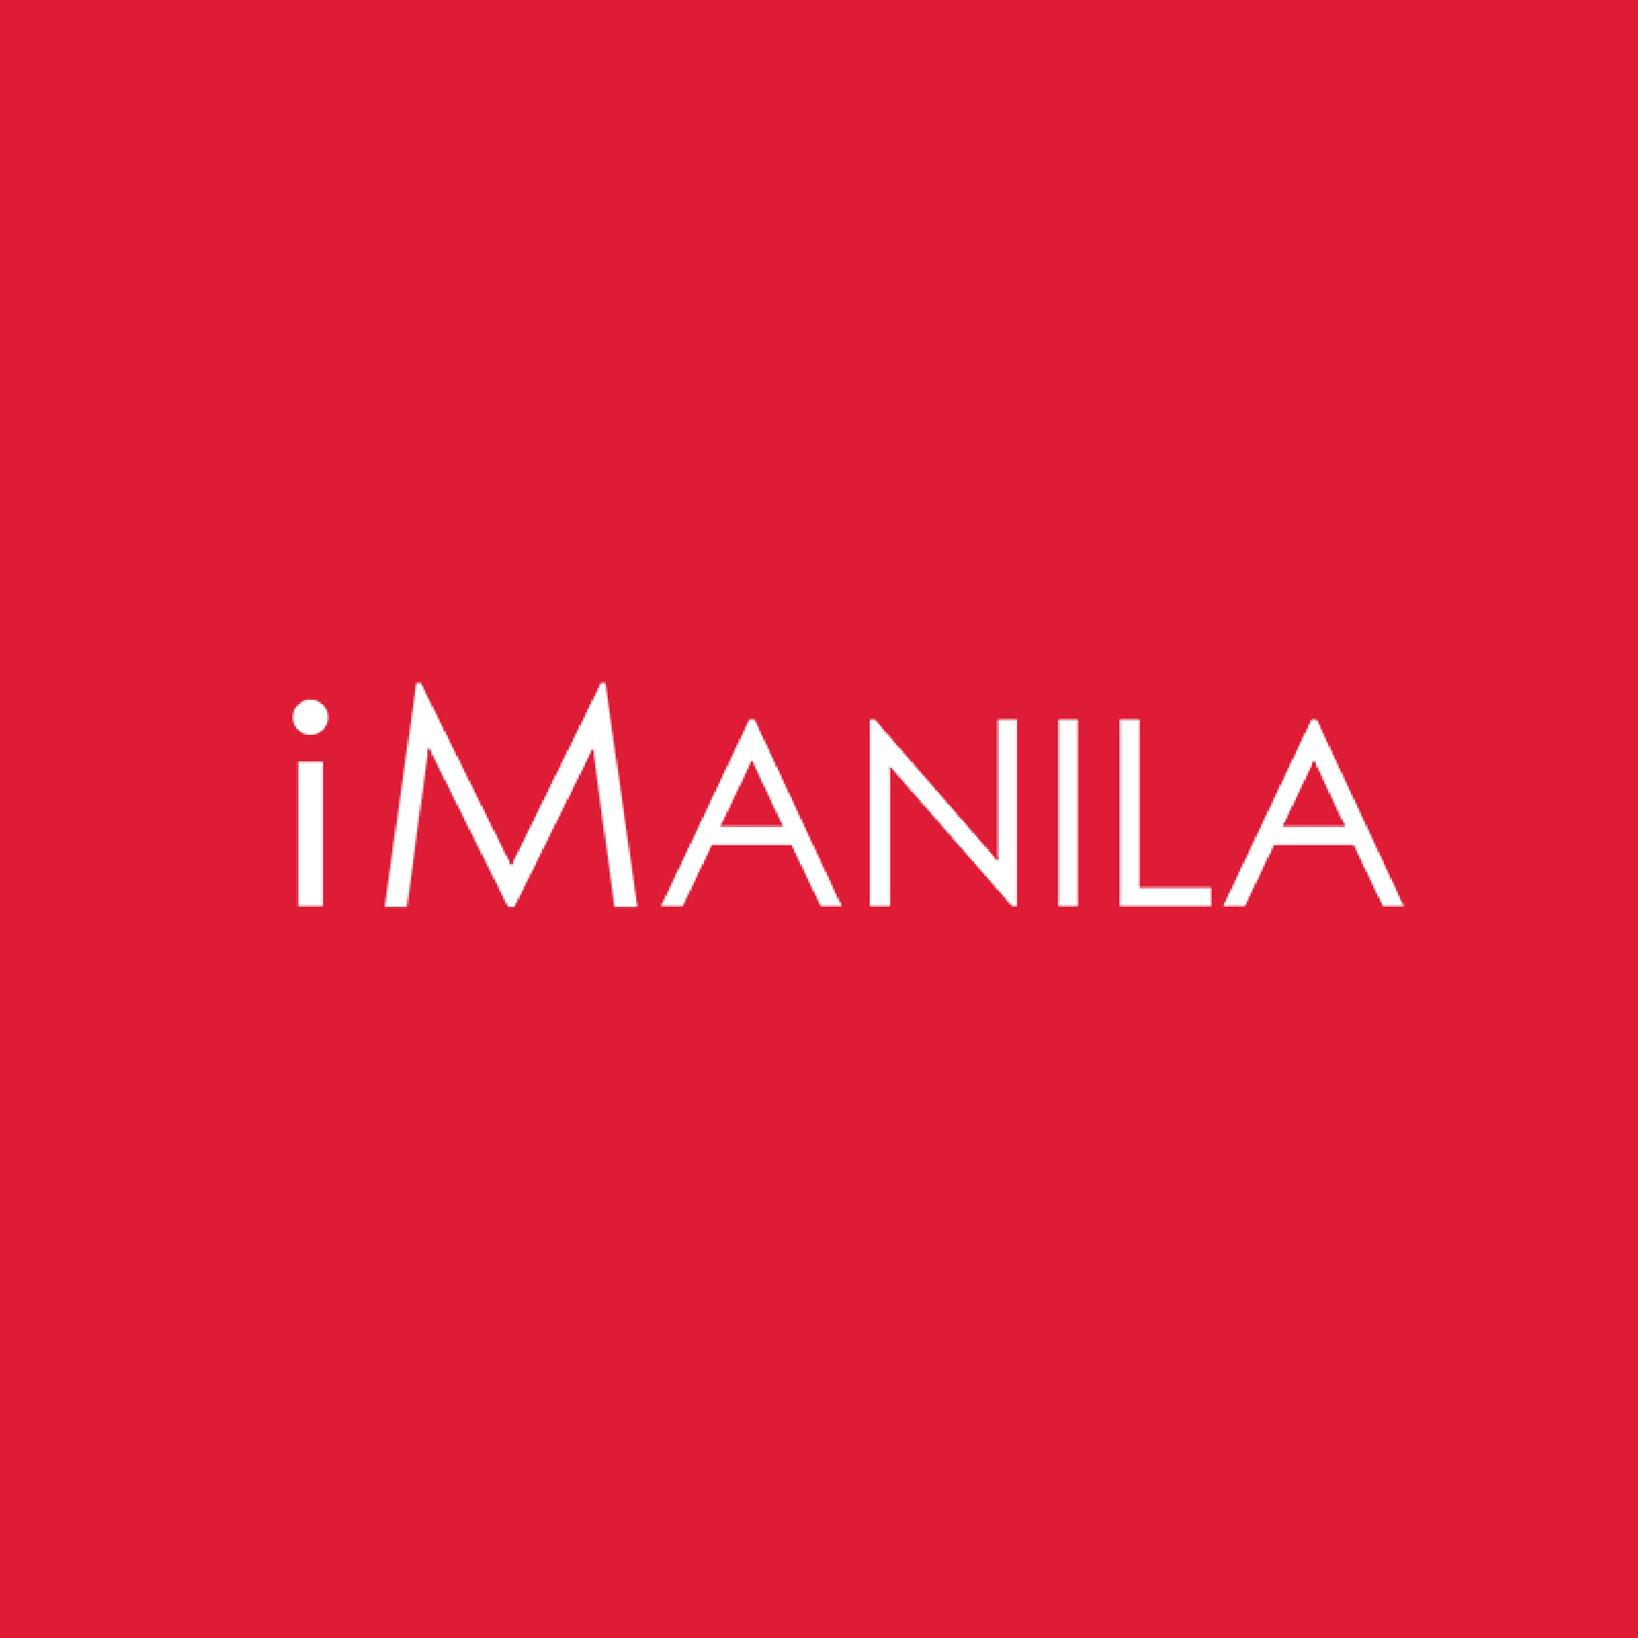 iManila Philippines